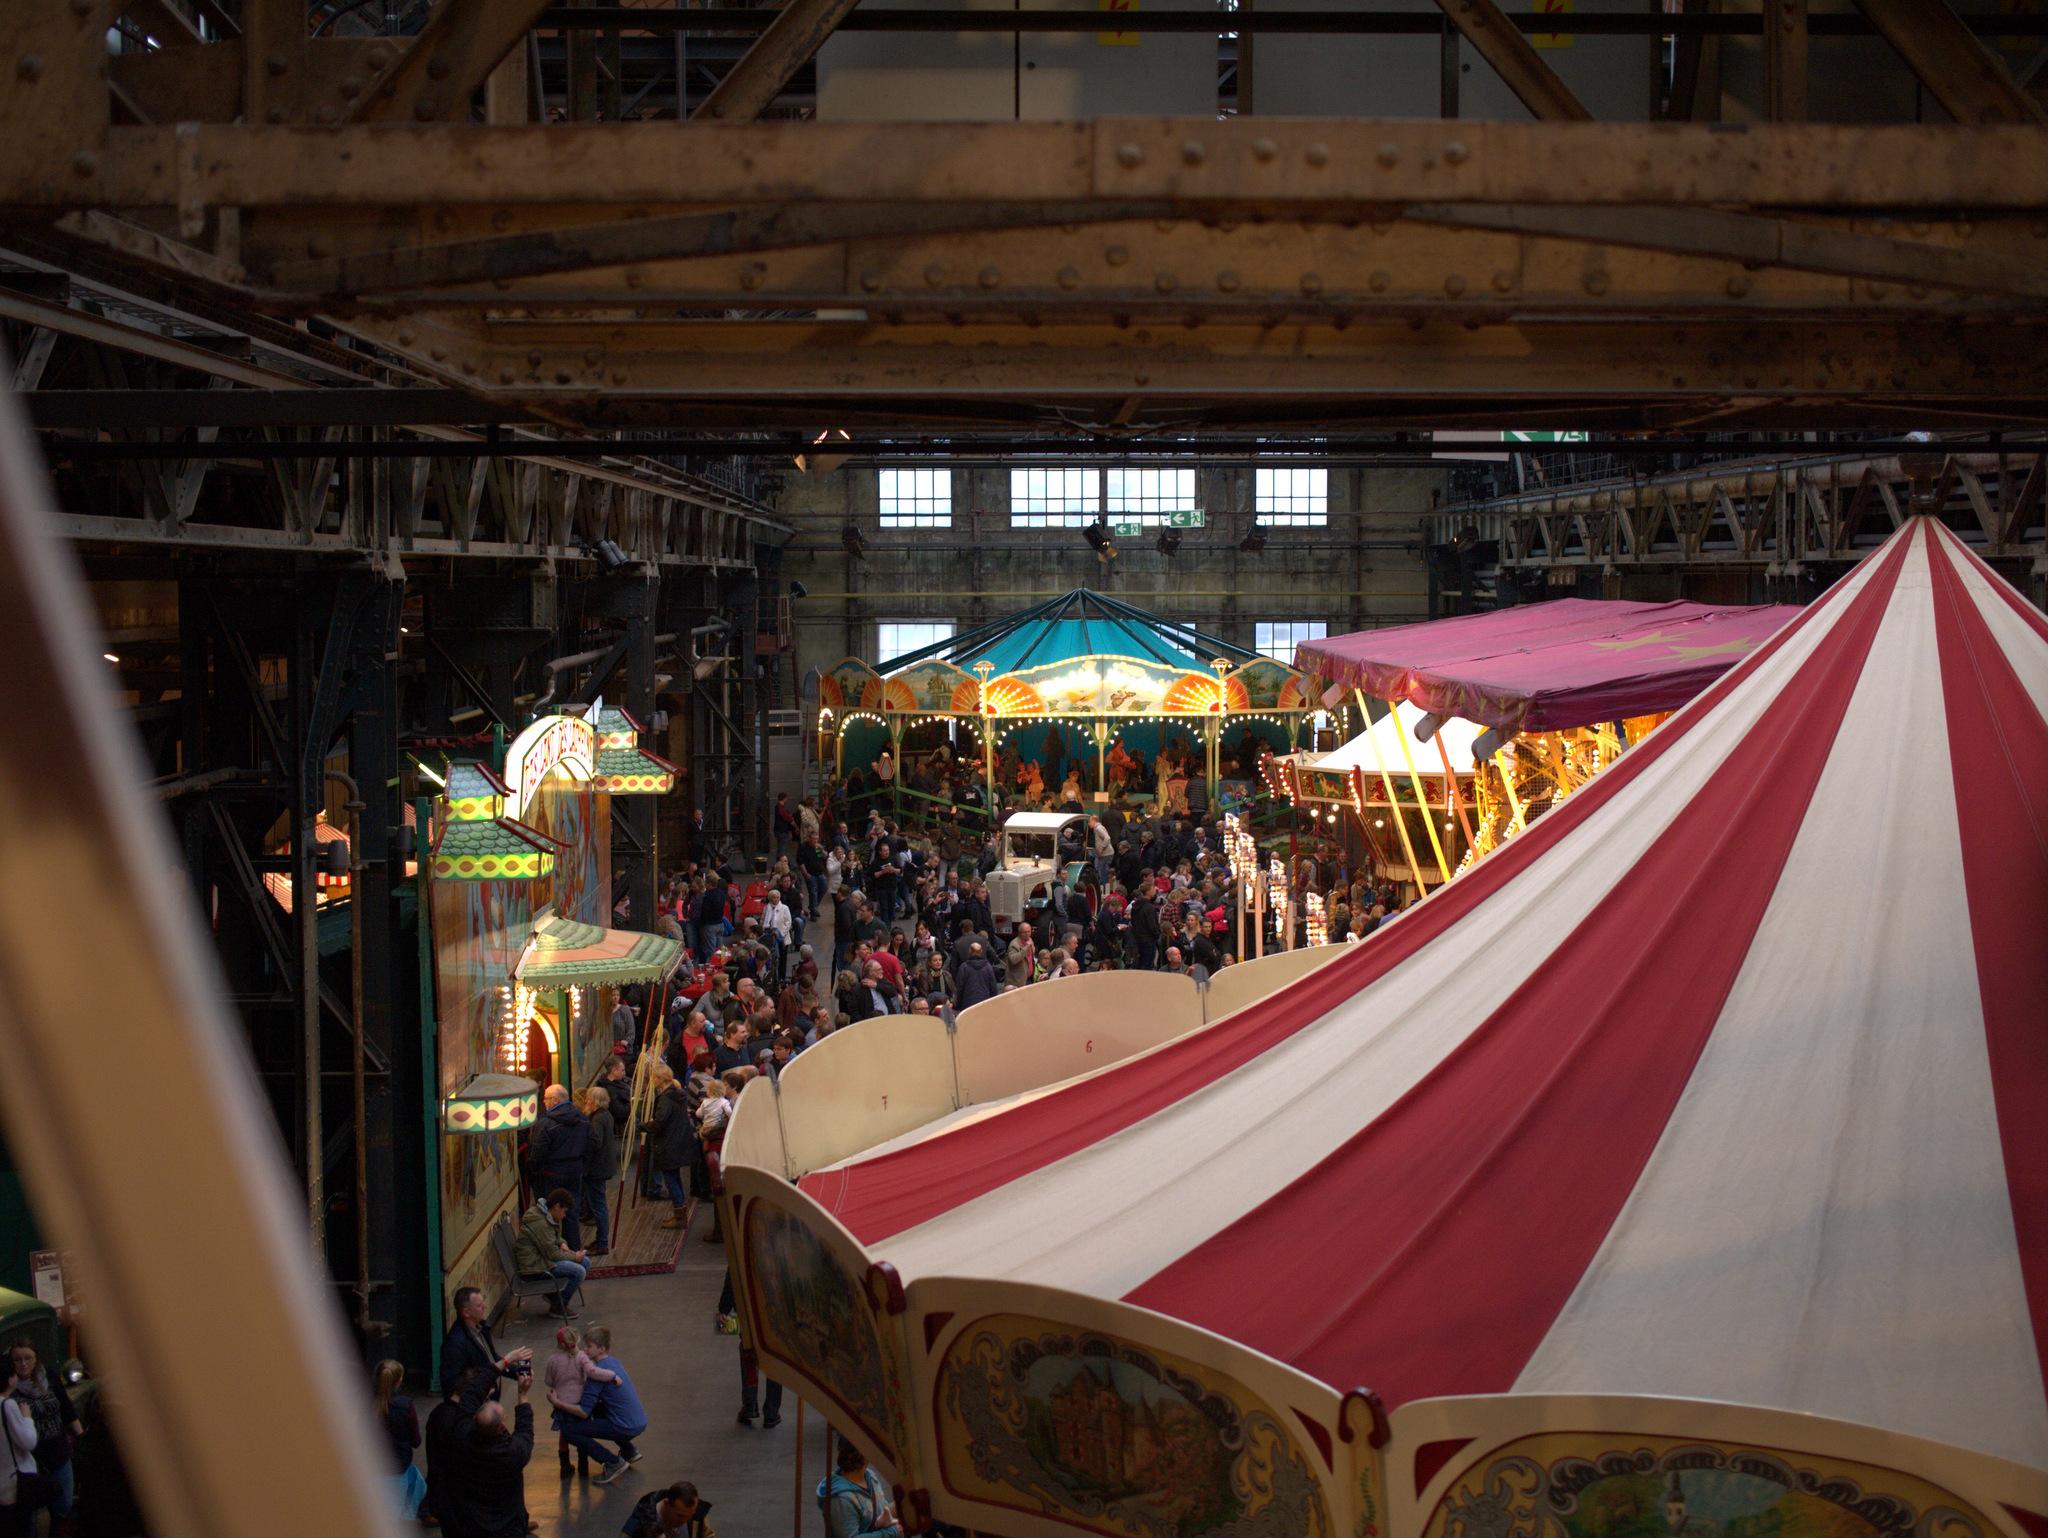 Historischer Jahrmarkt Jahrhunderthalle Bochum 2016